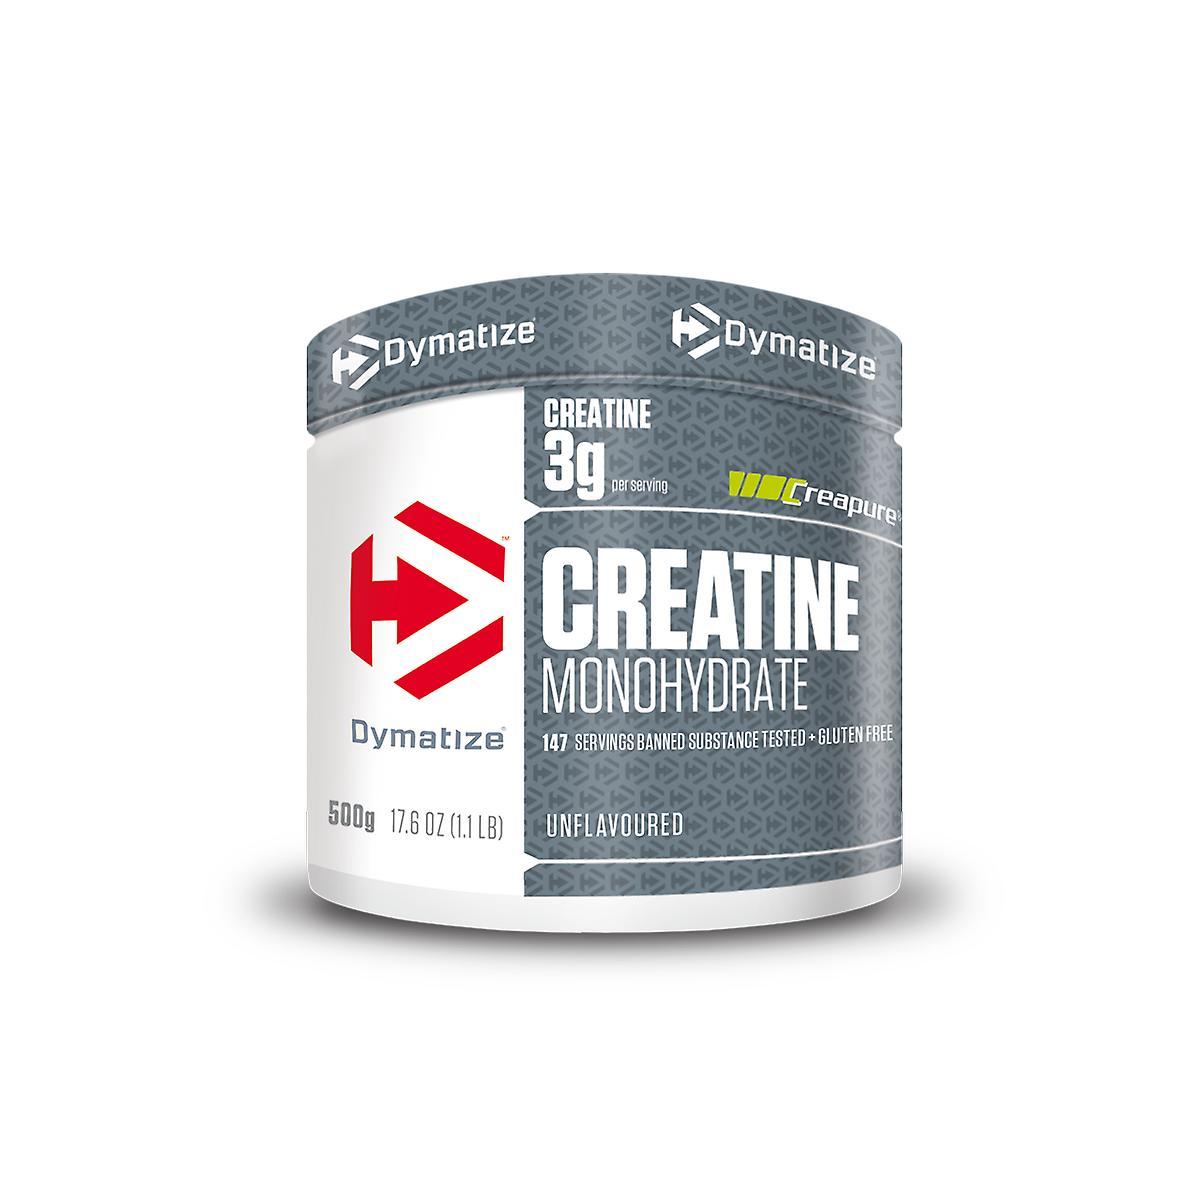 Dymatize Creatine Monohydrate Gluten Free Supplement